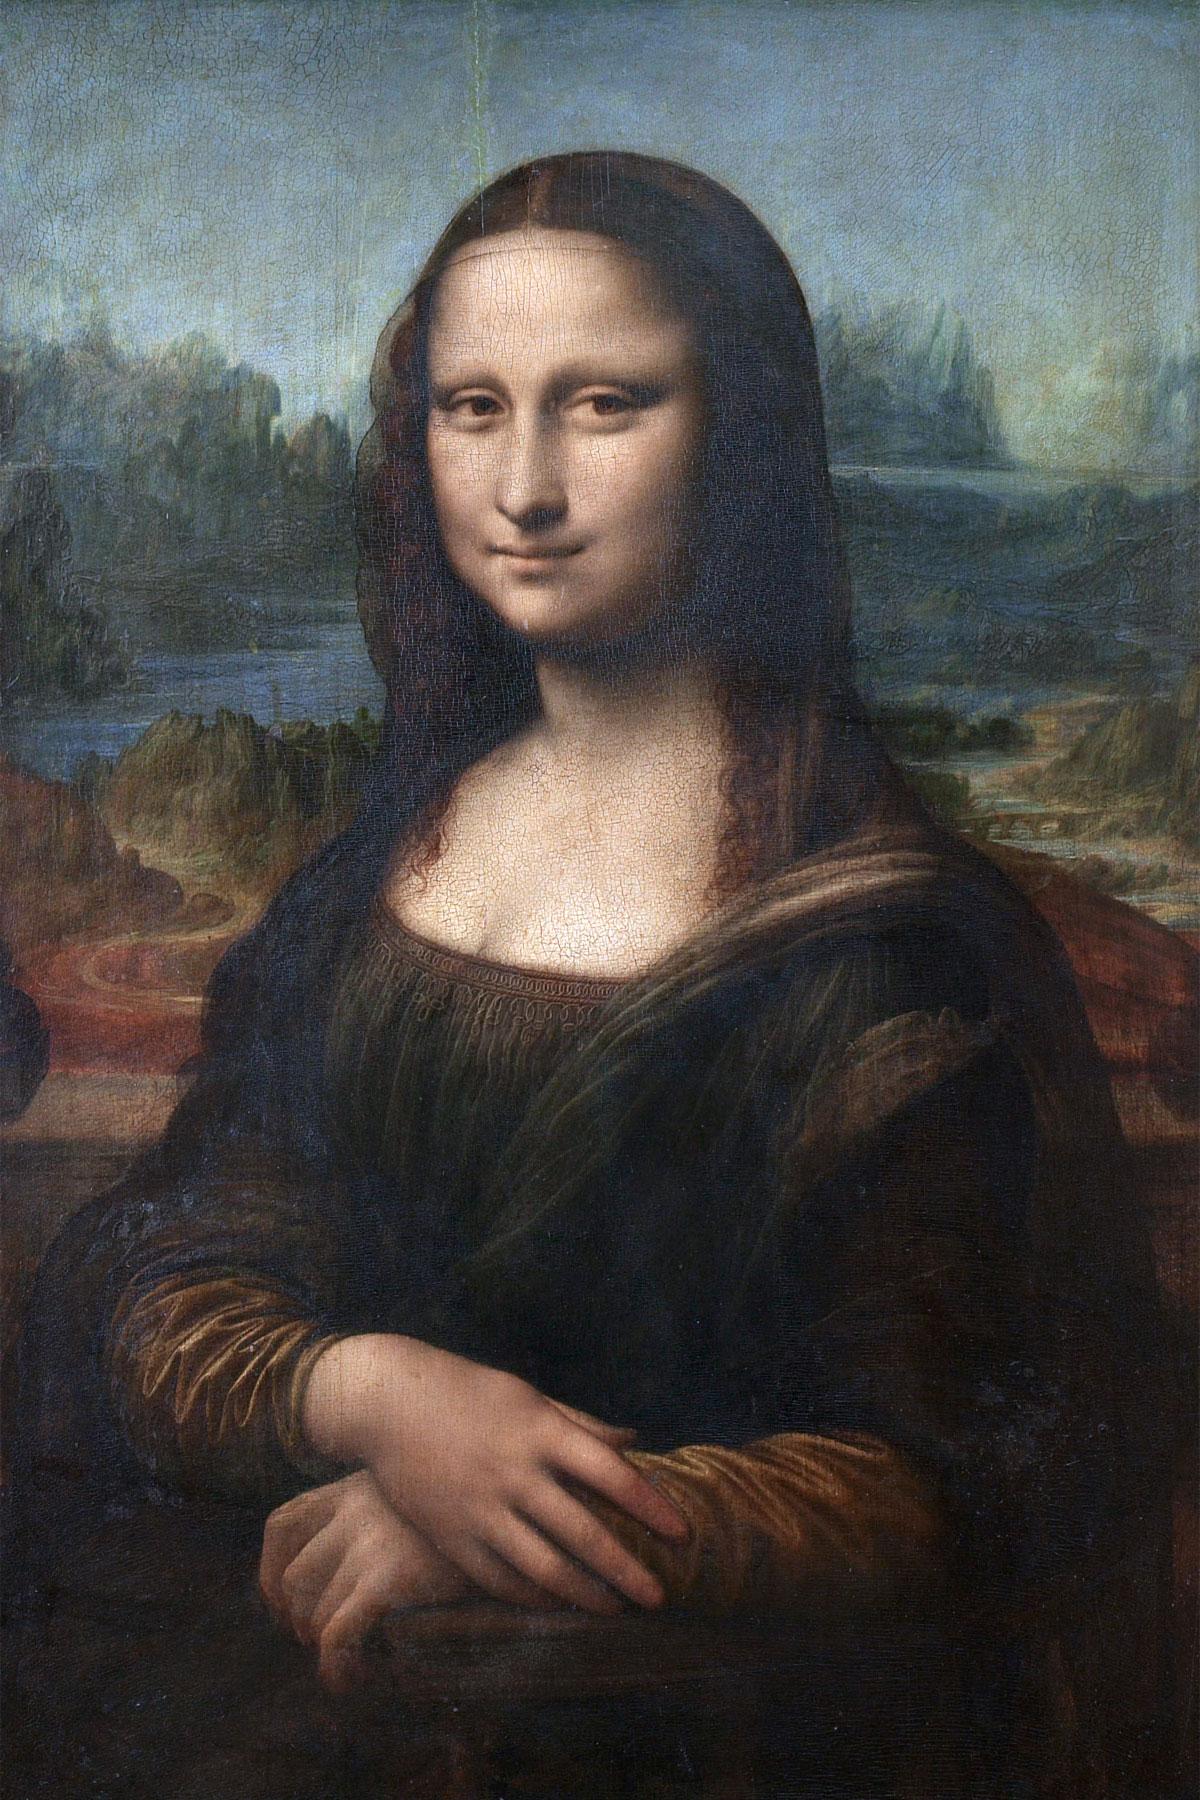 La Gioconda - Monnalisa (Leonardo da Vinci)